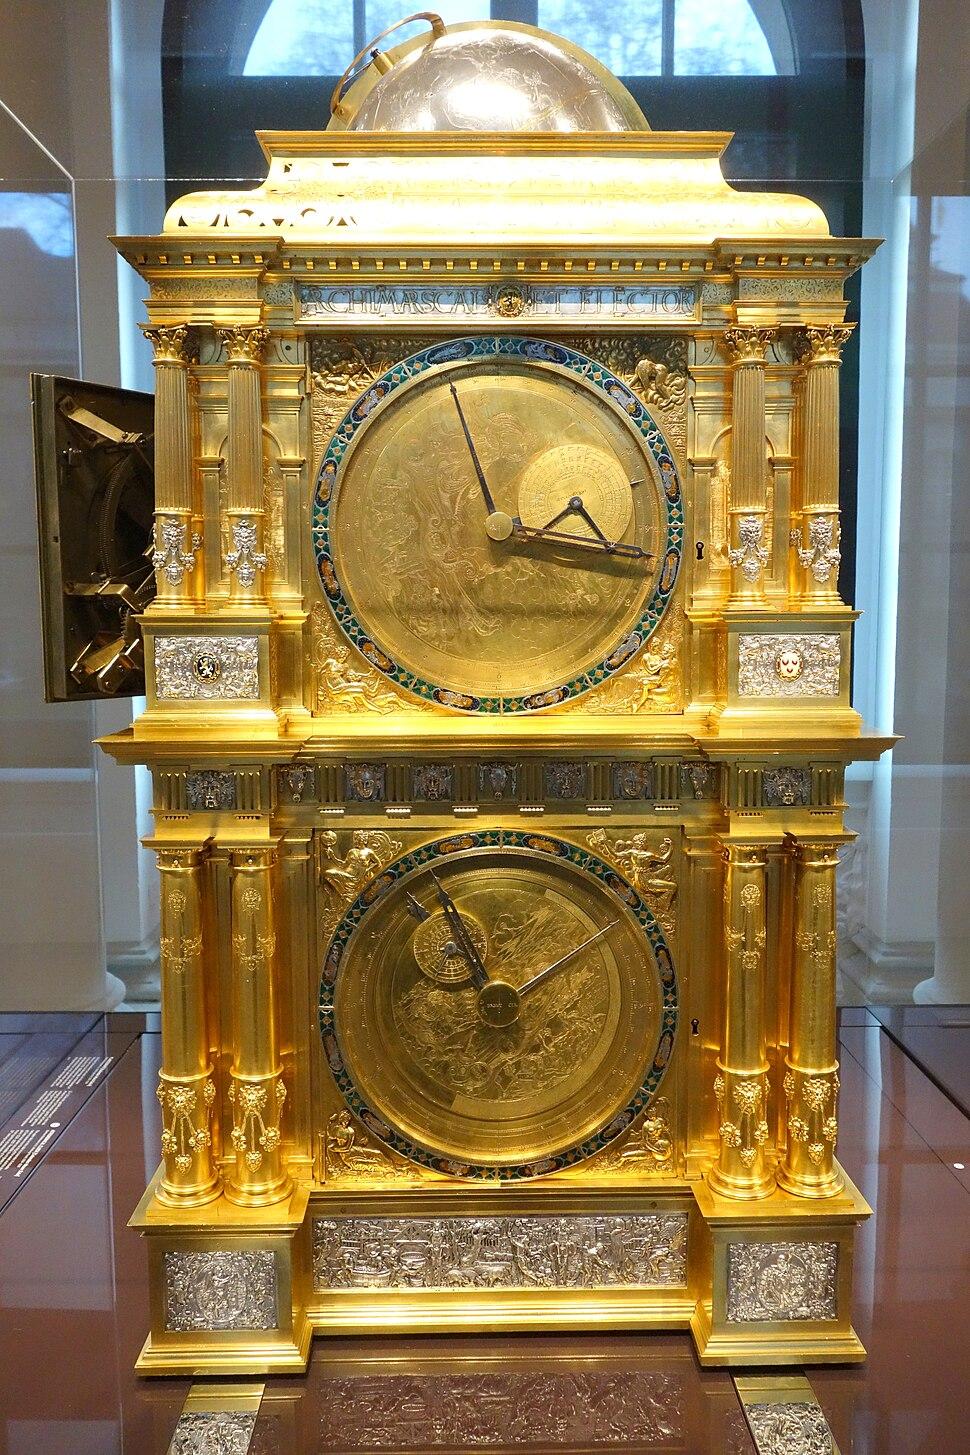 Astronomical clock (Venus-Mercury side), Eberhard Baldewein et al, Marburg-Kassel, 1563-1568 - Mathematisch-Physikalischer Salon, Dresden - DSC08057